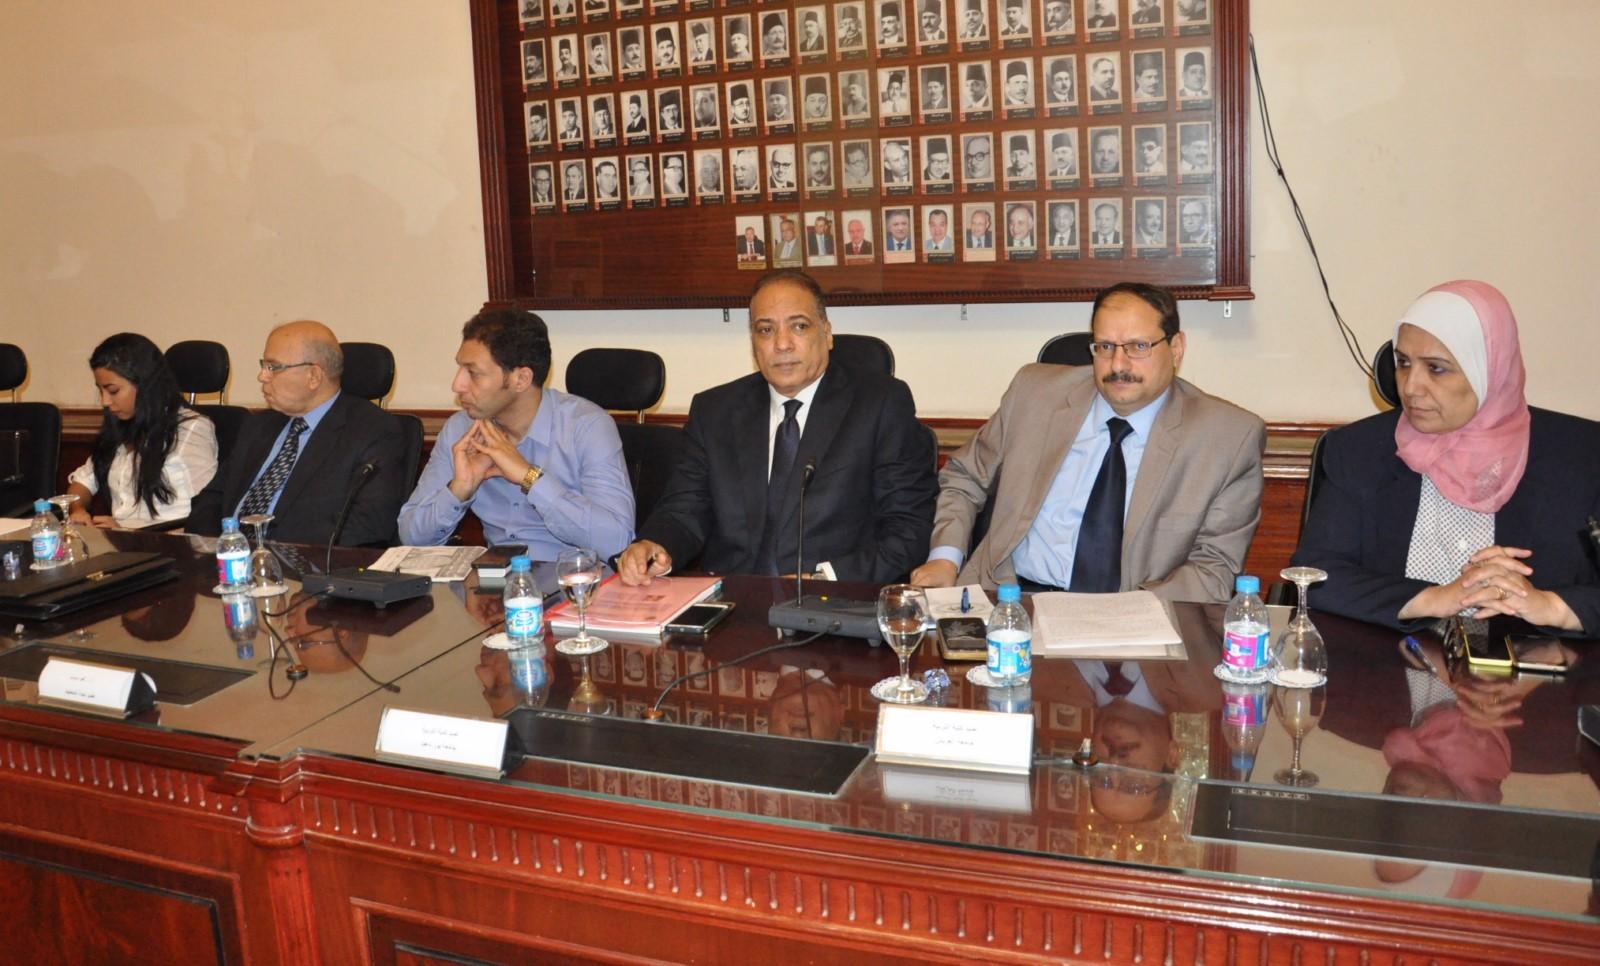 اجتماع قيادات التربية والتعليم مع عمداء الكليات لتطوير التعليم (10)